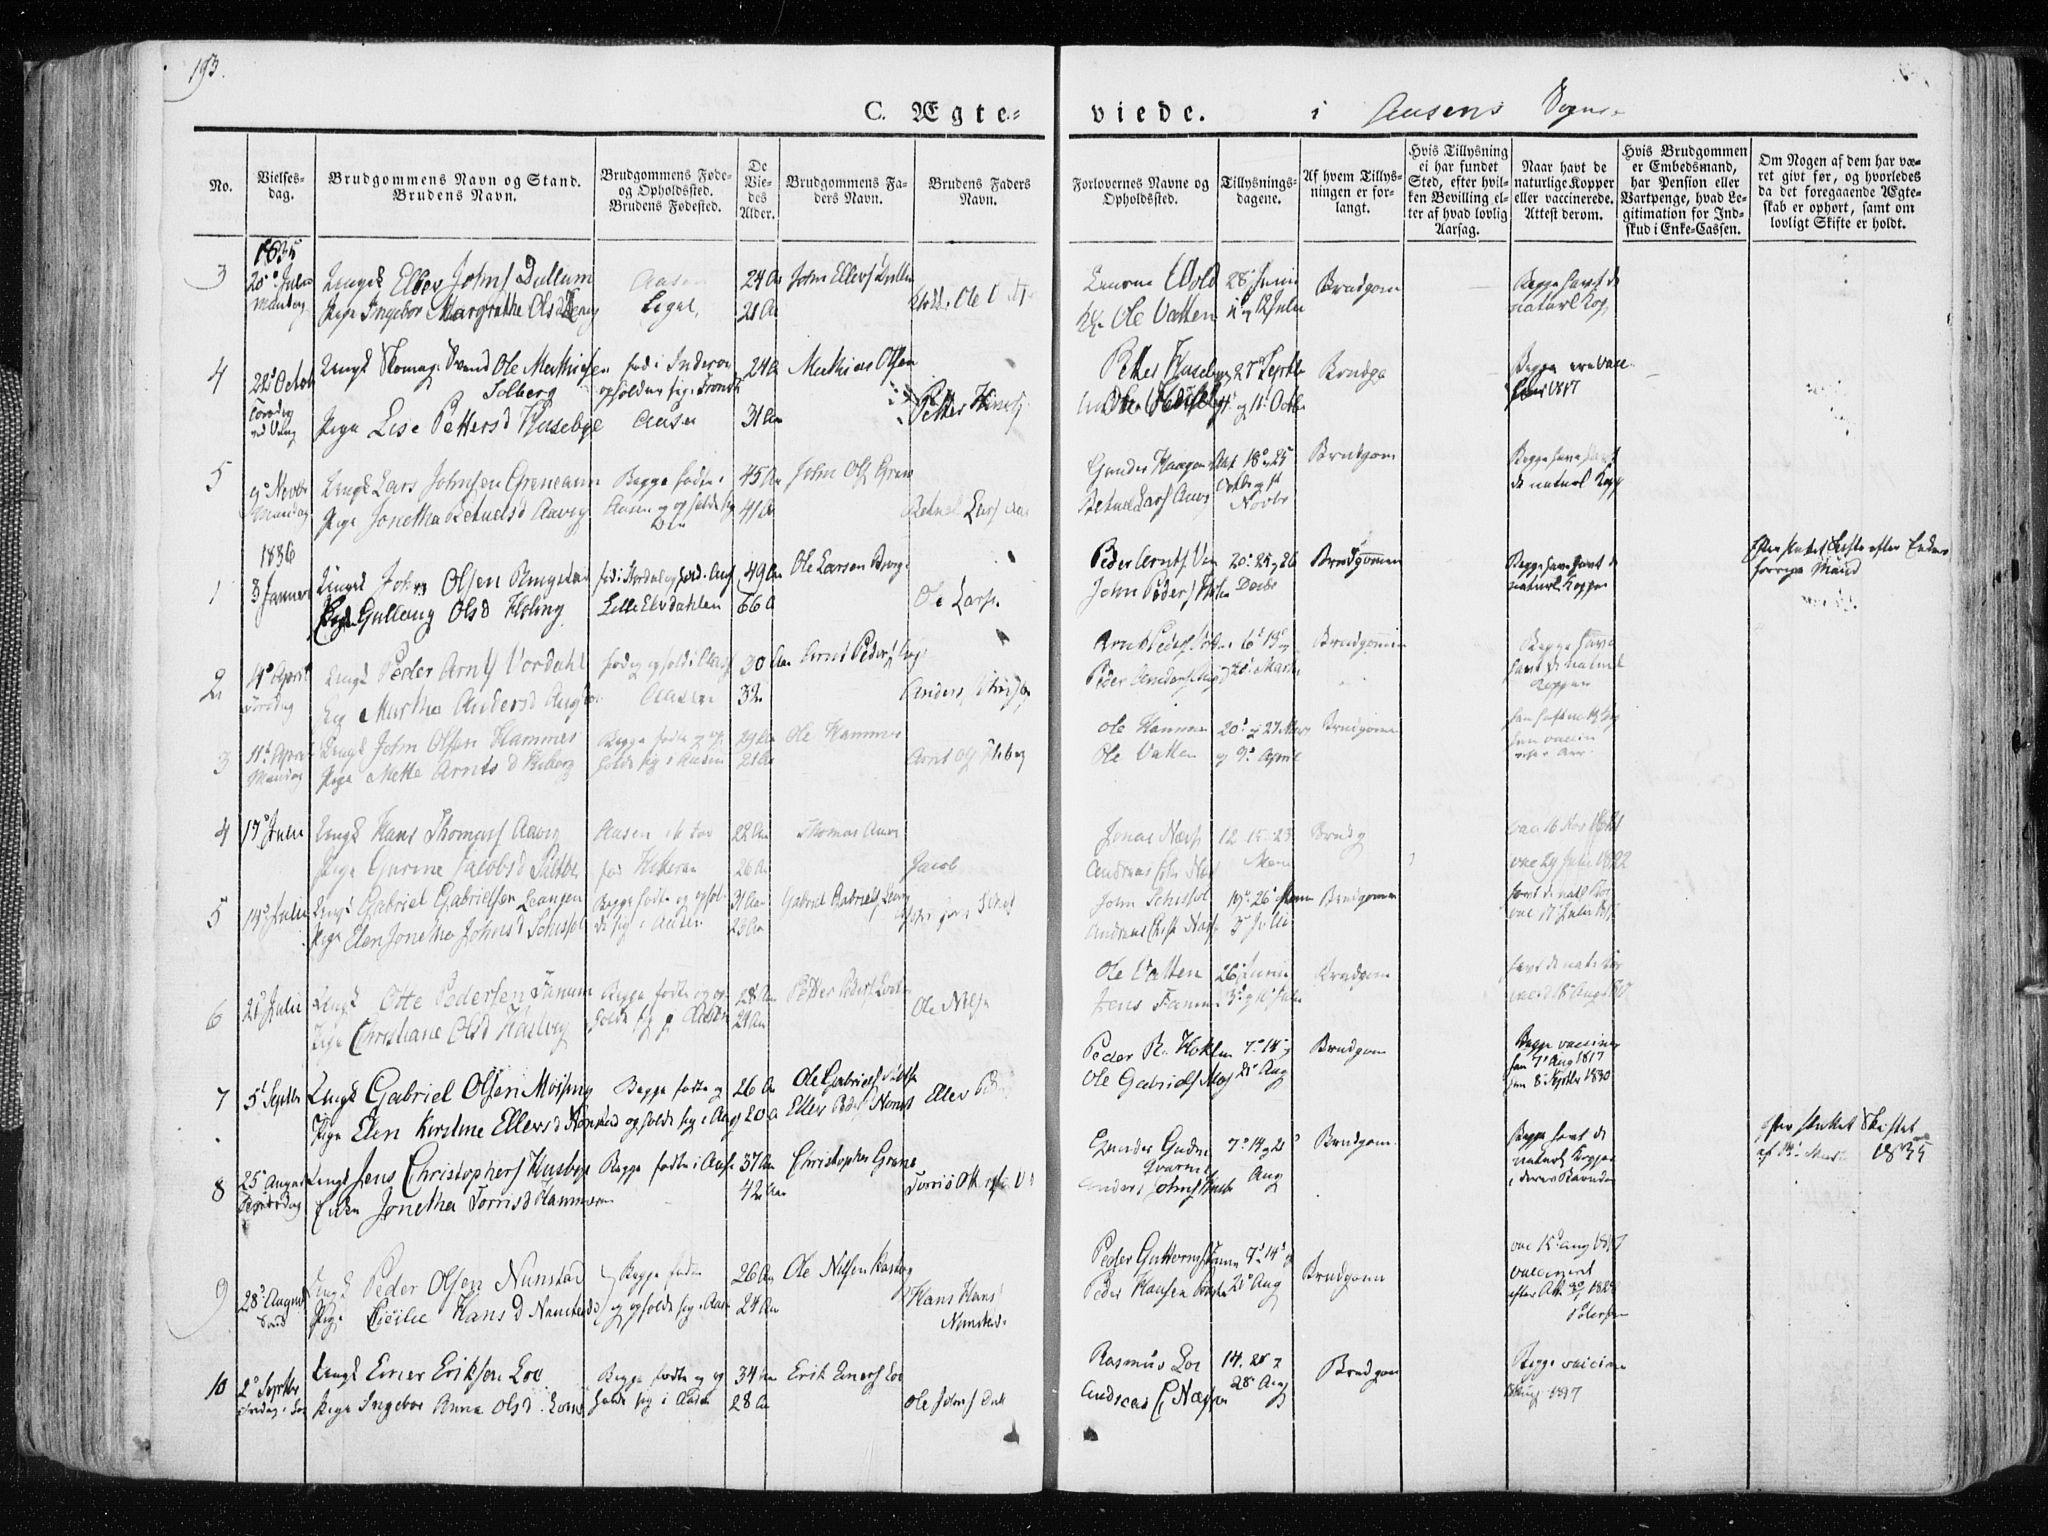 SAT, Ministerialprotokoller, klokkerbøker og fødselsregistre - Nord-Trøndelag, 713/L0114: Ministerialbok nr. 713A05, 1827-1839, s. 193